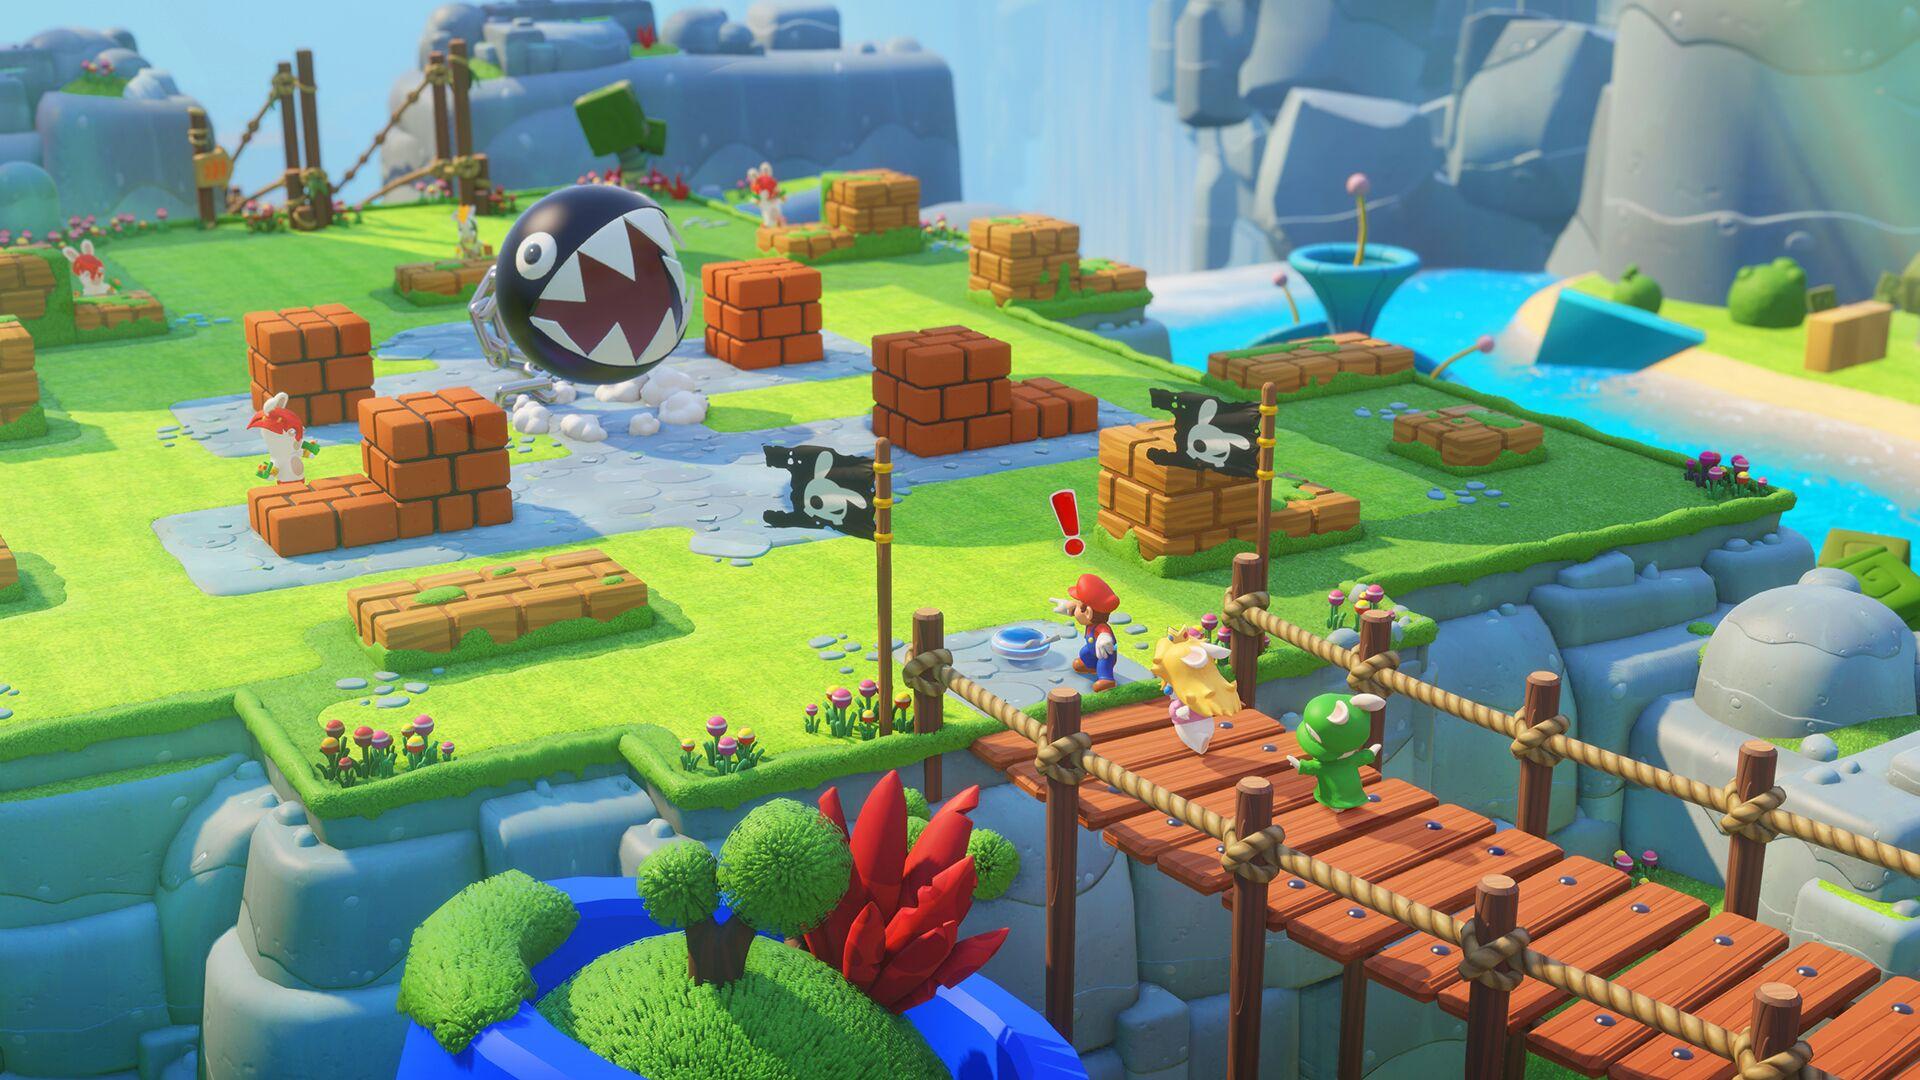 Le jeu Mario et les Lapins crétins sort des studios Ubisoft